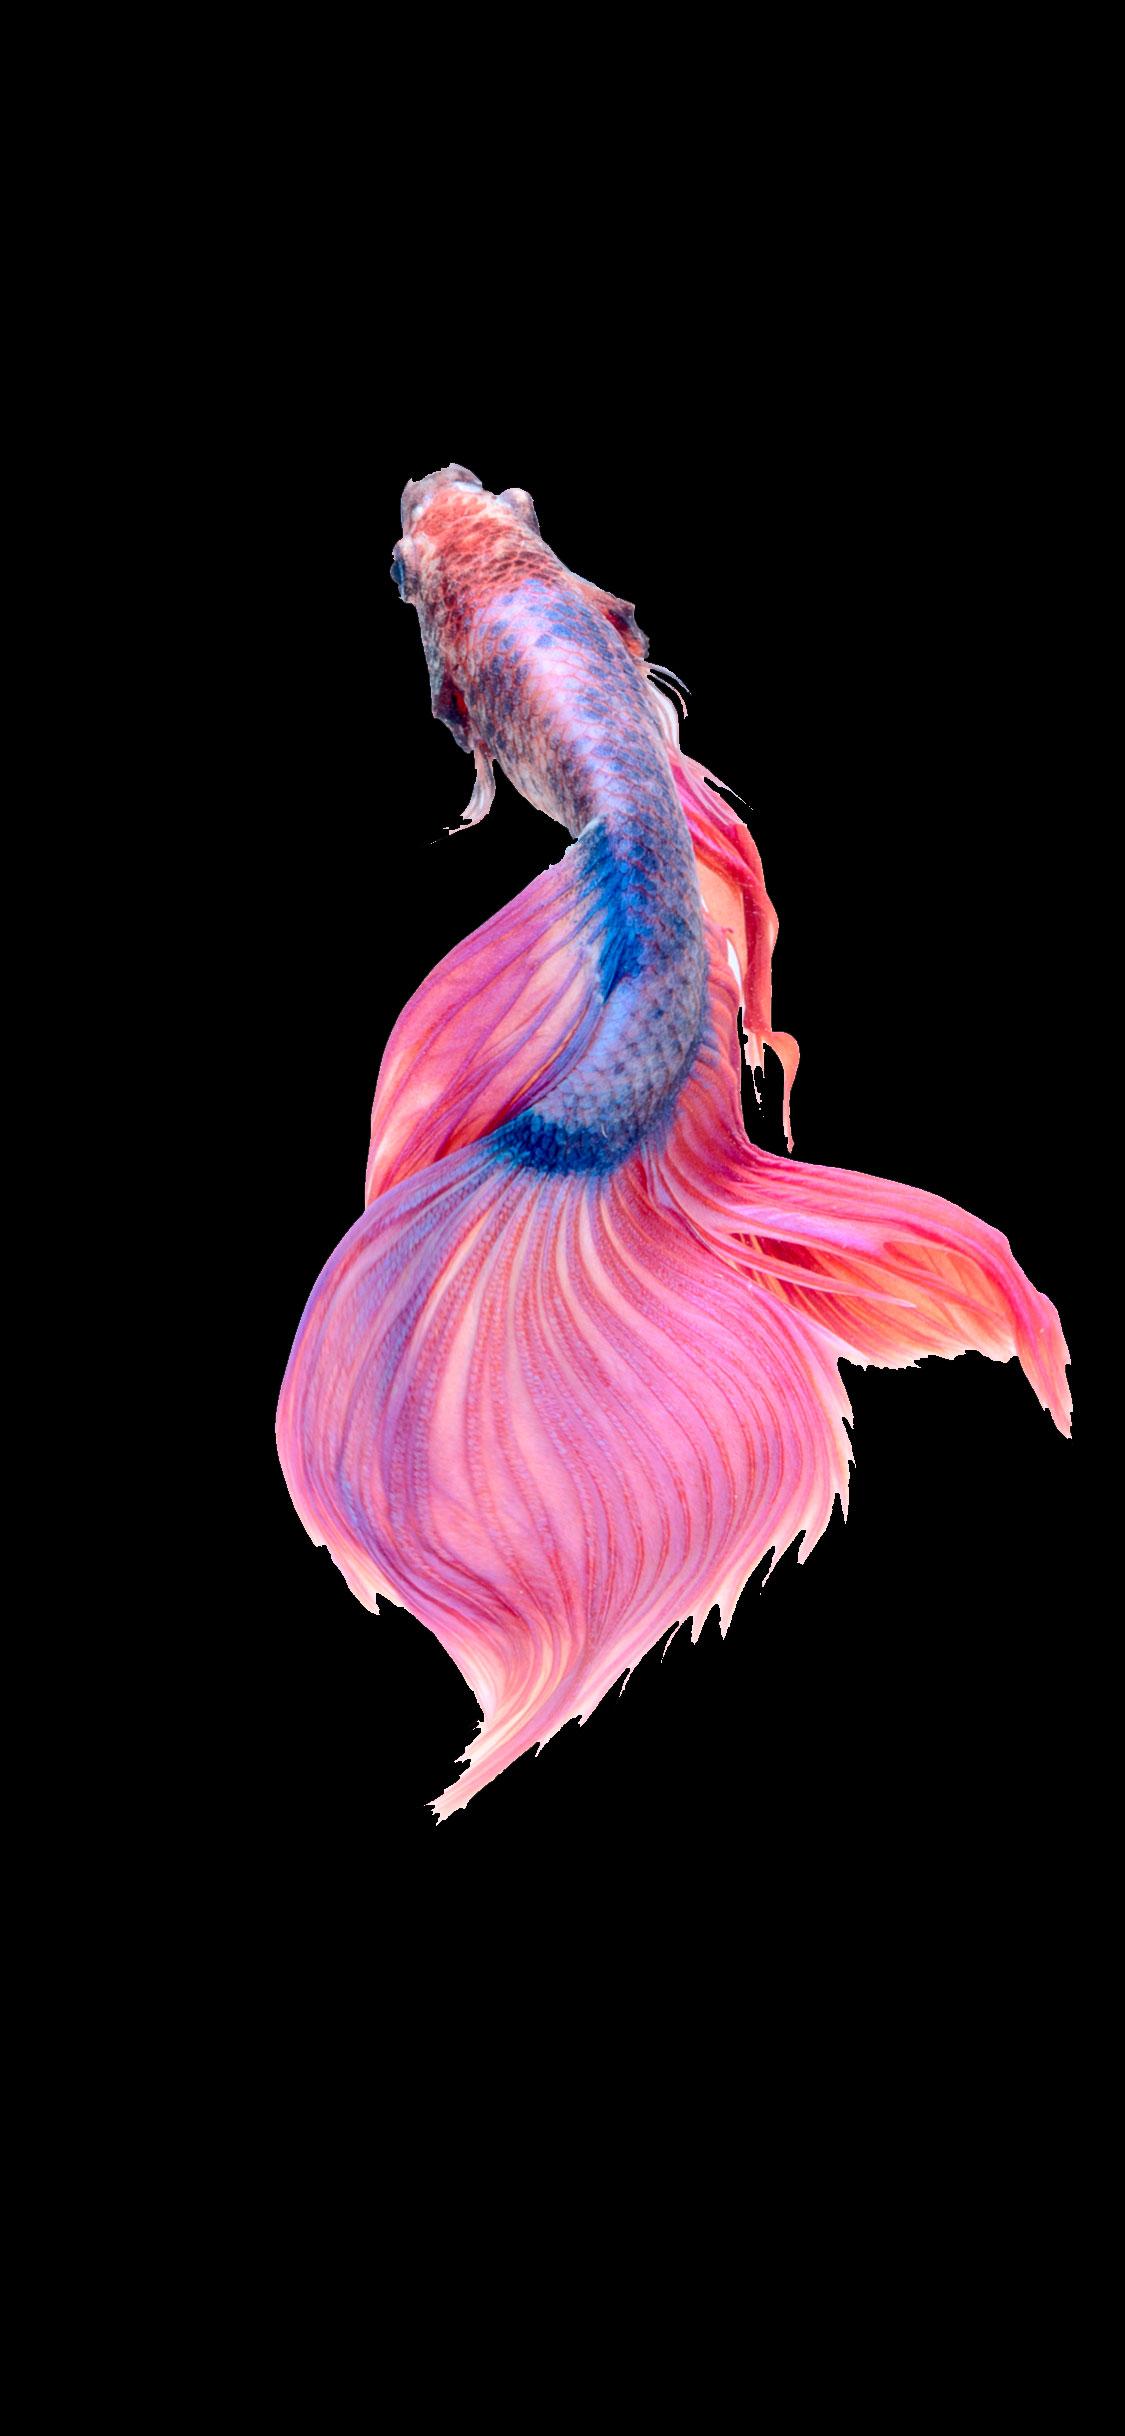 iPhone wallpaper fish pink Fonds d'écran iPhone du 29/05/2018